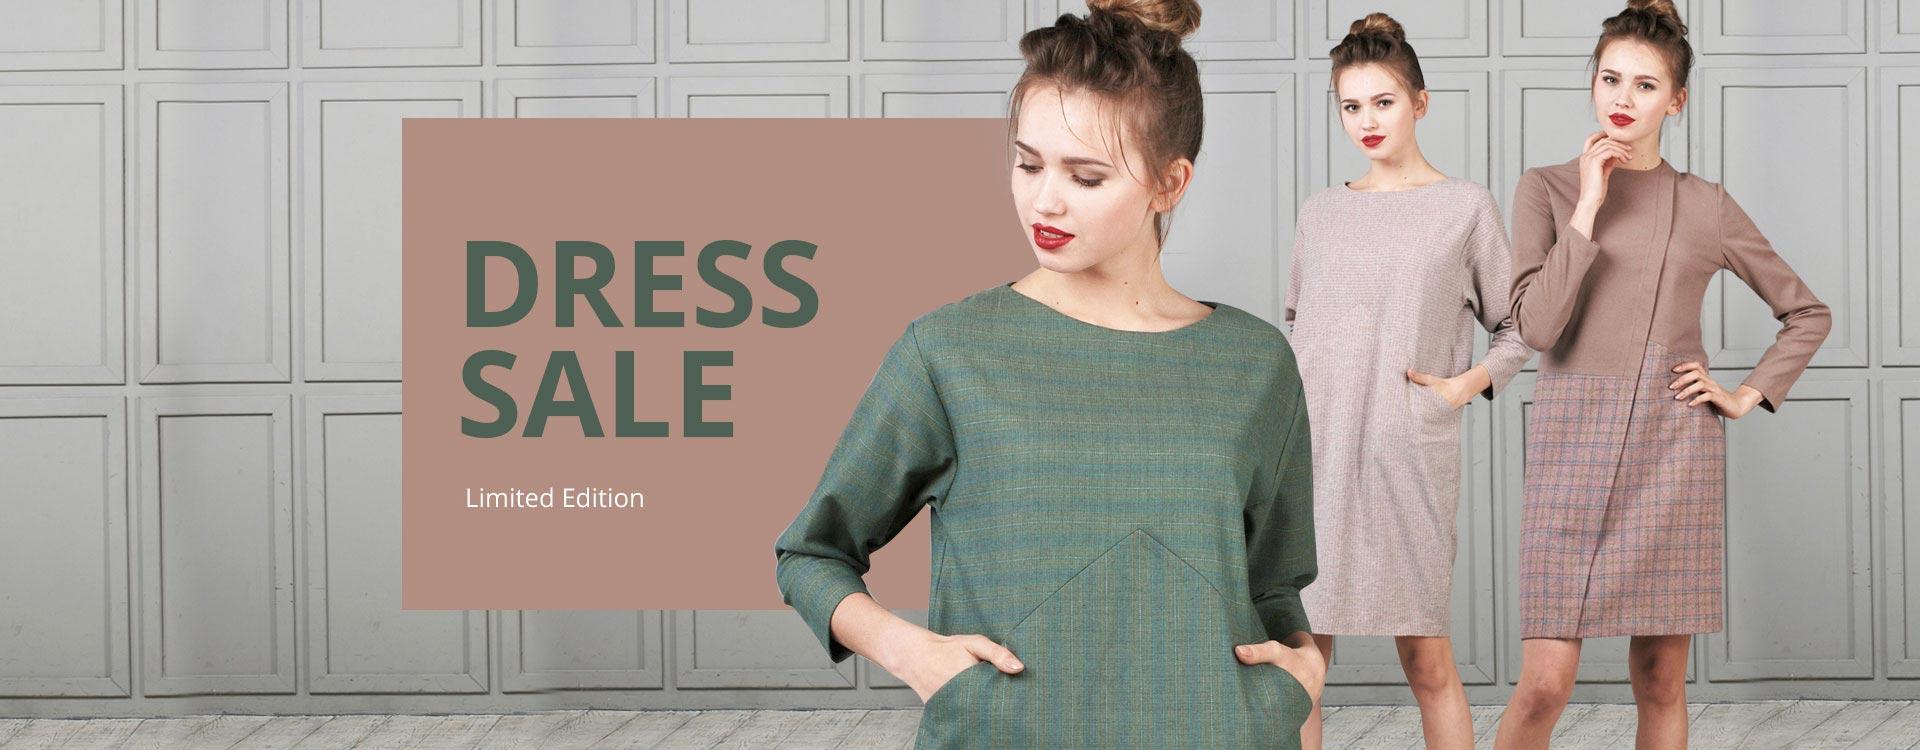 dresssale -